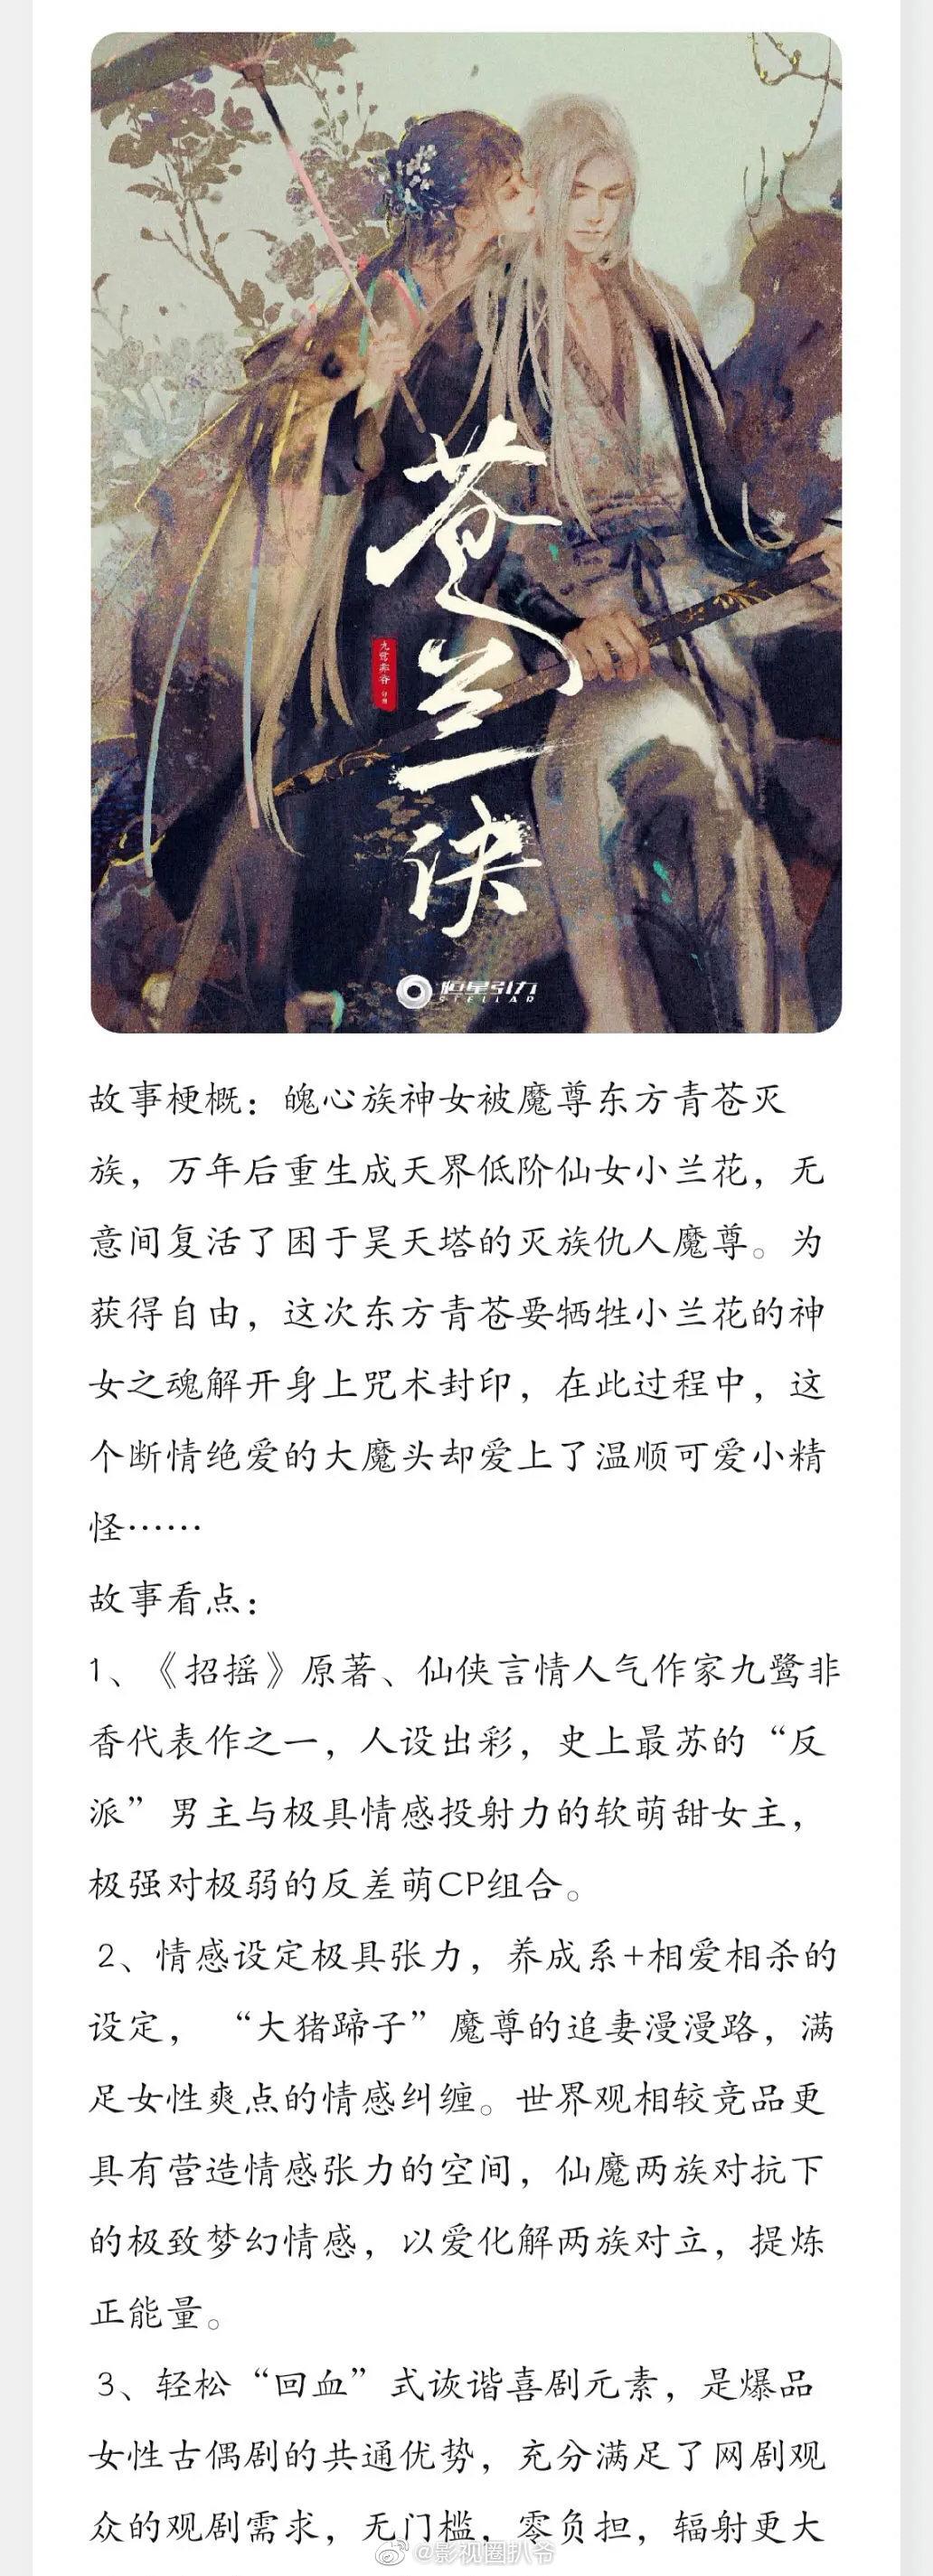 网传:电视剧《苍兰诀》定了虞书欣、王鹤棣、宋亚轩主演